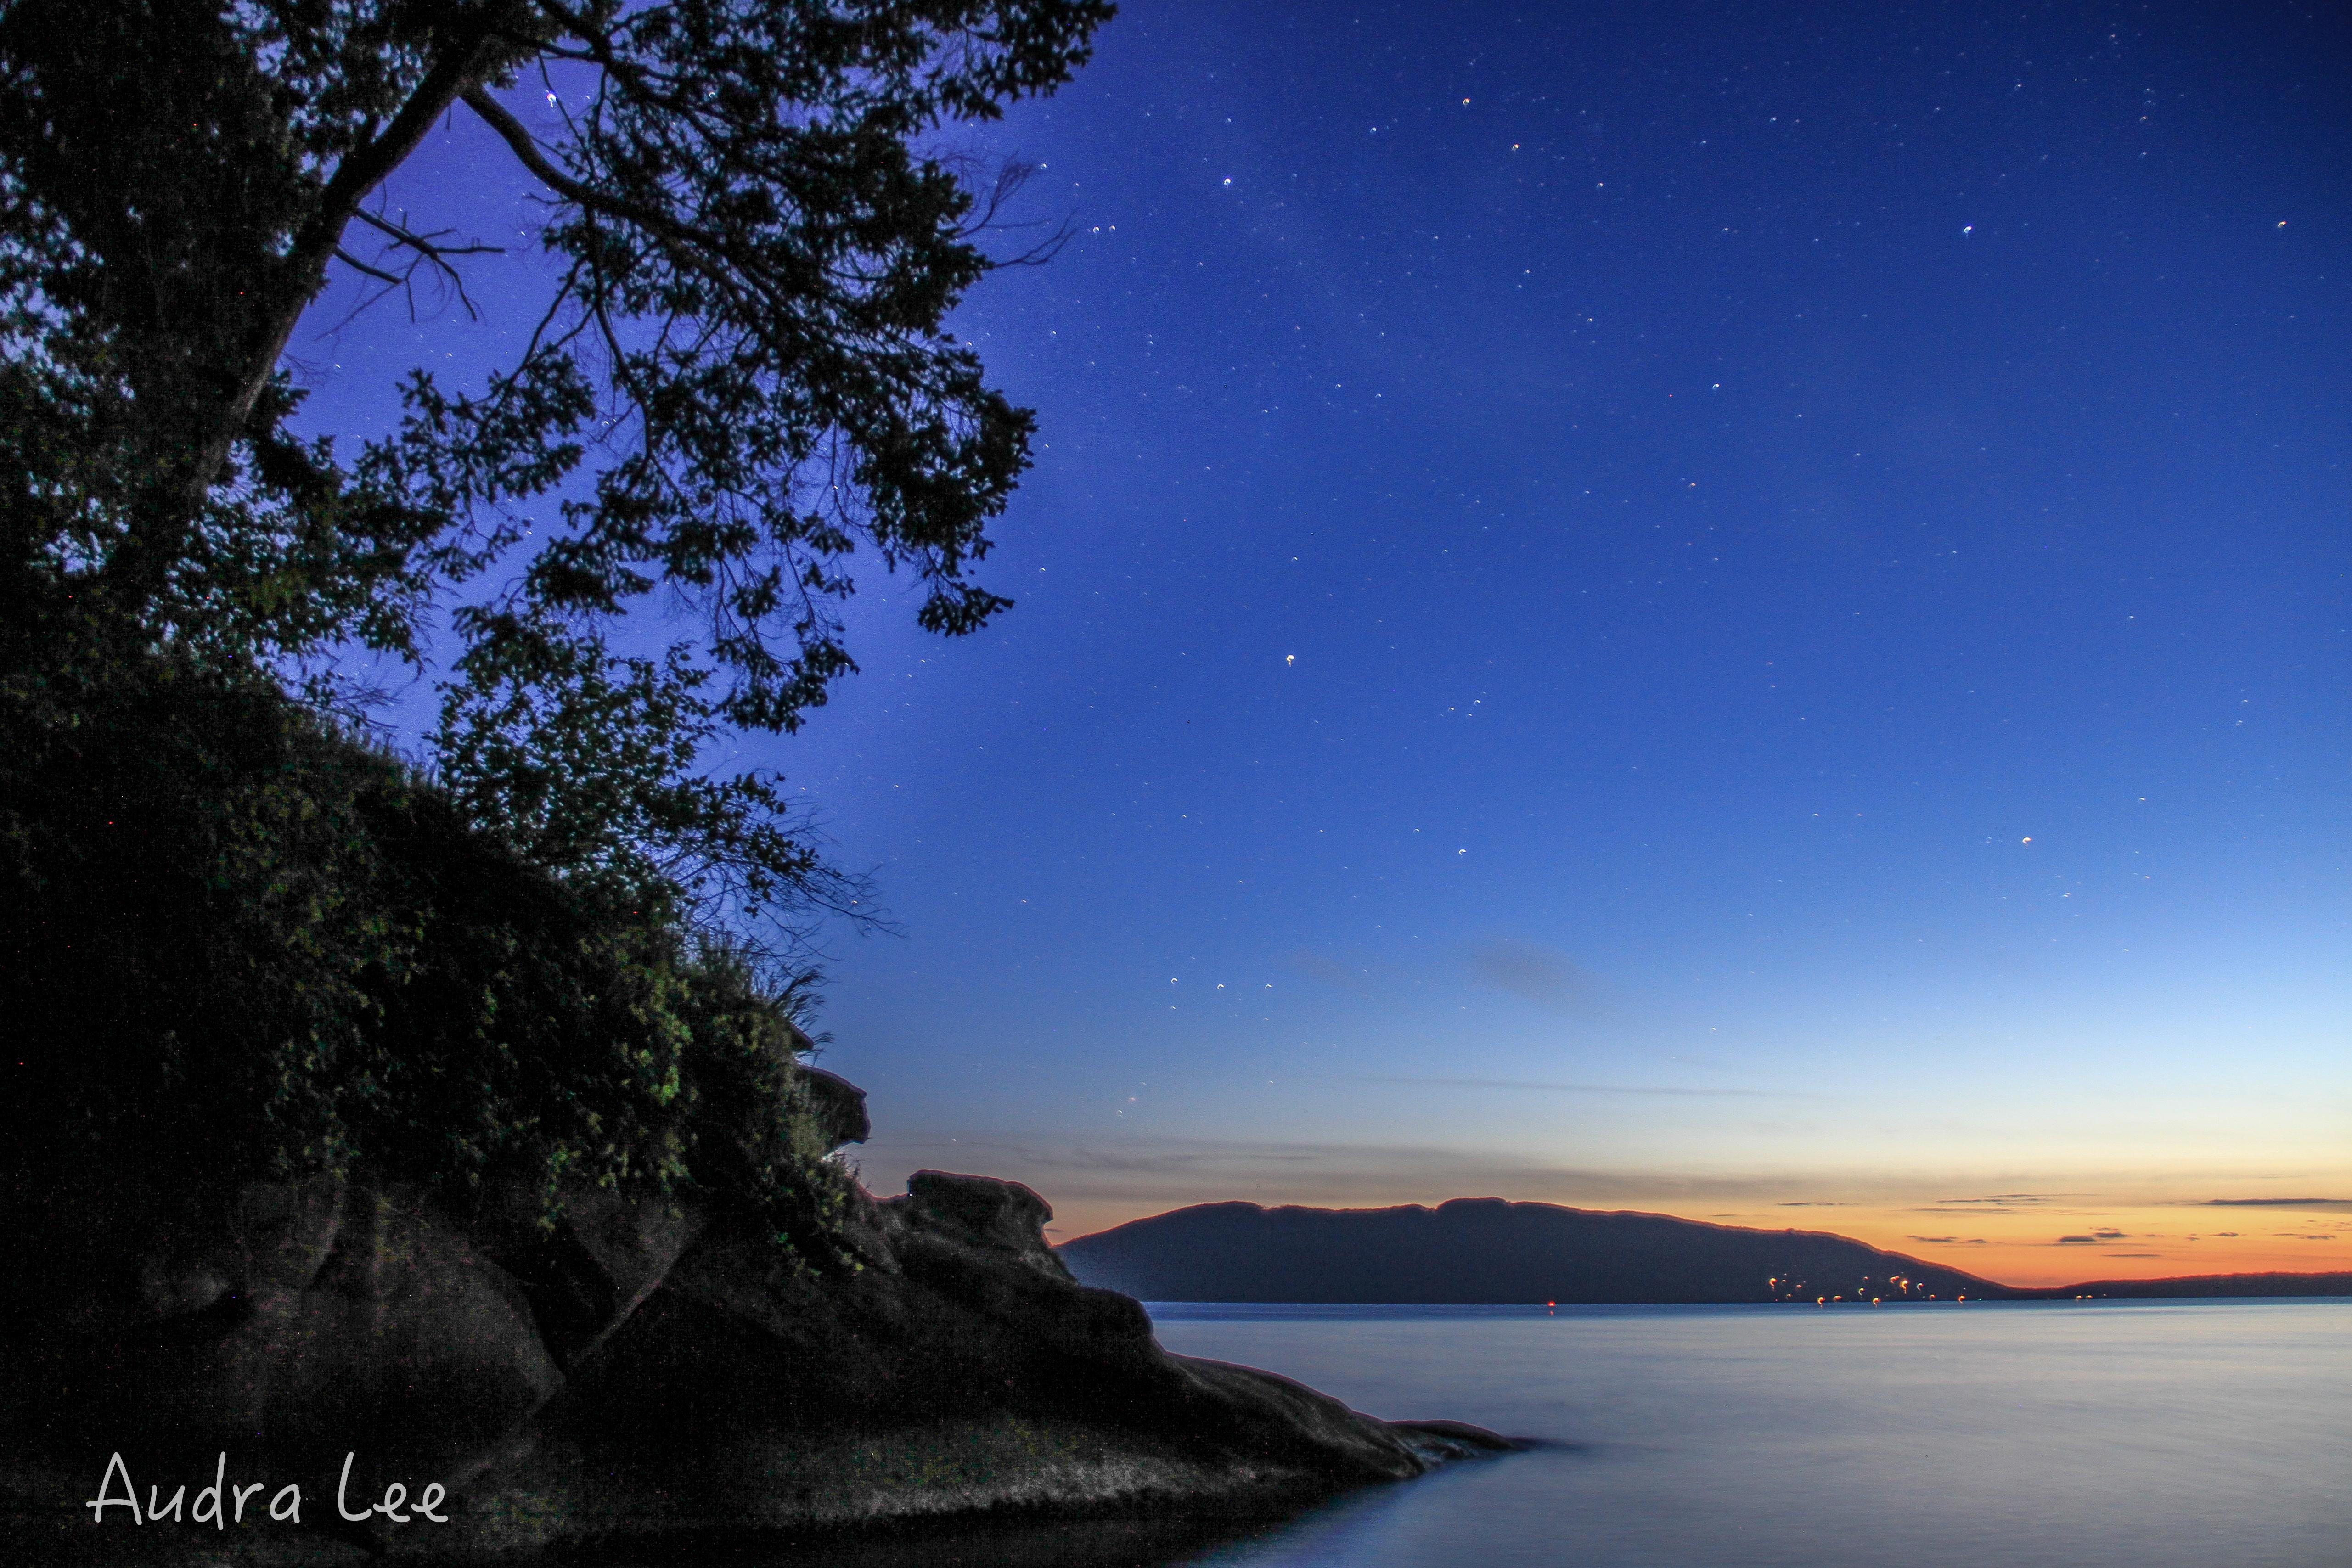 Chuckanut Island Sunset